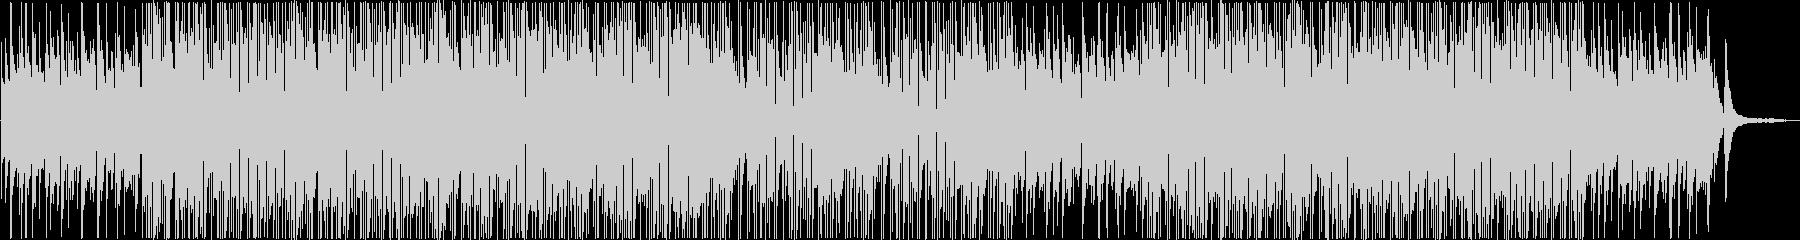 少し切ない雰囲気のボサノバ系BGMの未再生の波形